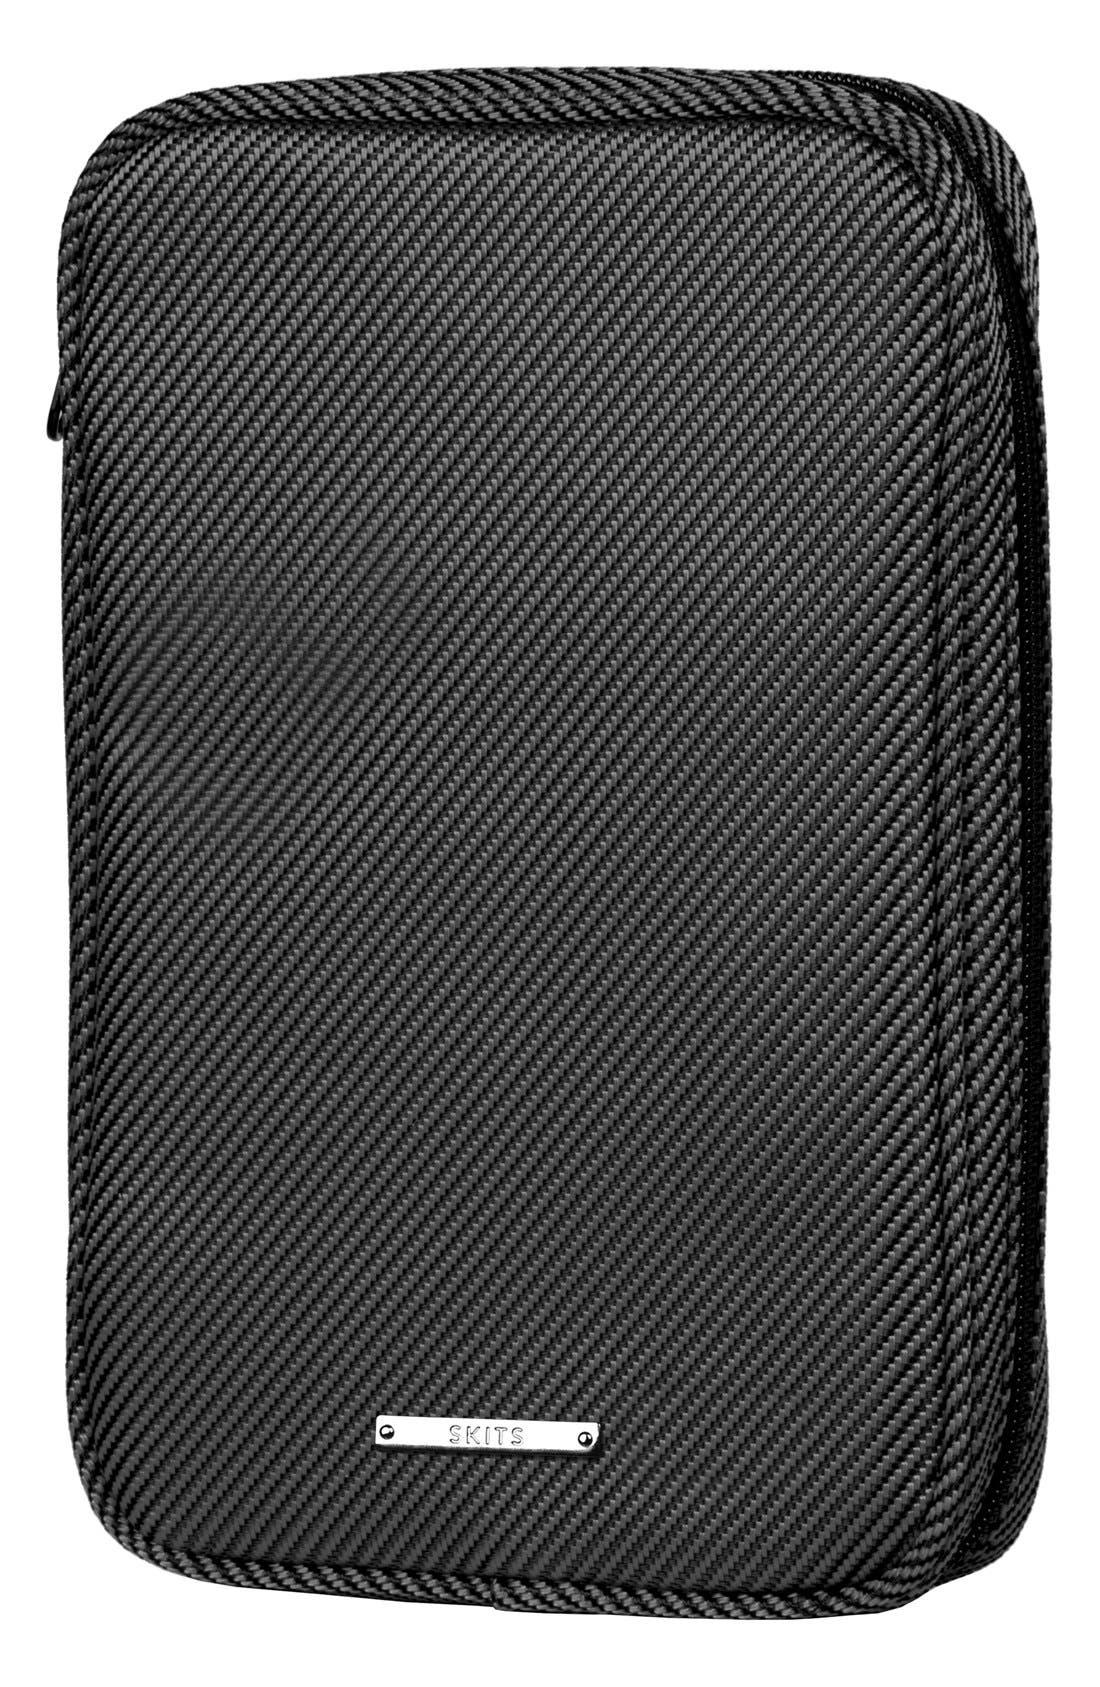 SKITS 'Brilliant - Carbon Stripe' Tech Case